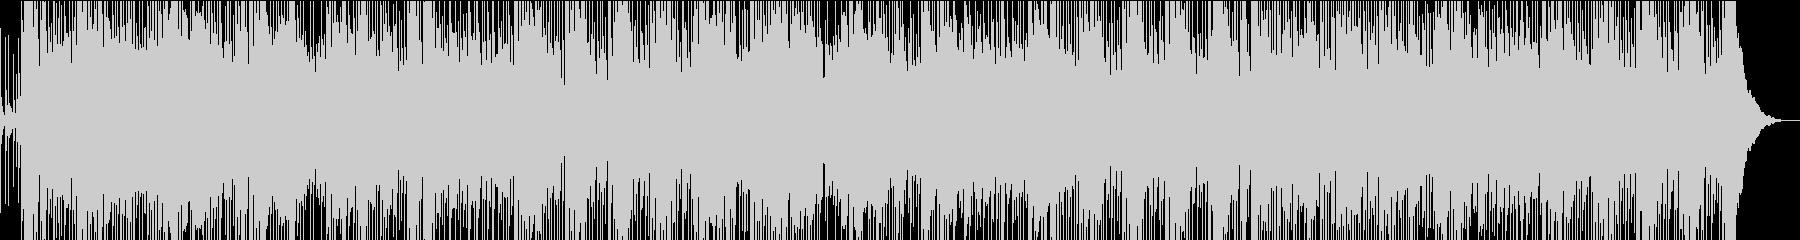 孤高のネズミをイメージしたロックの未再生の波形